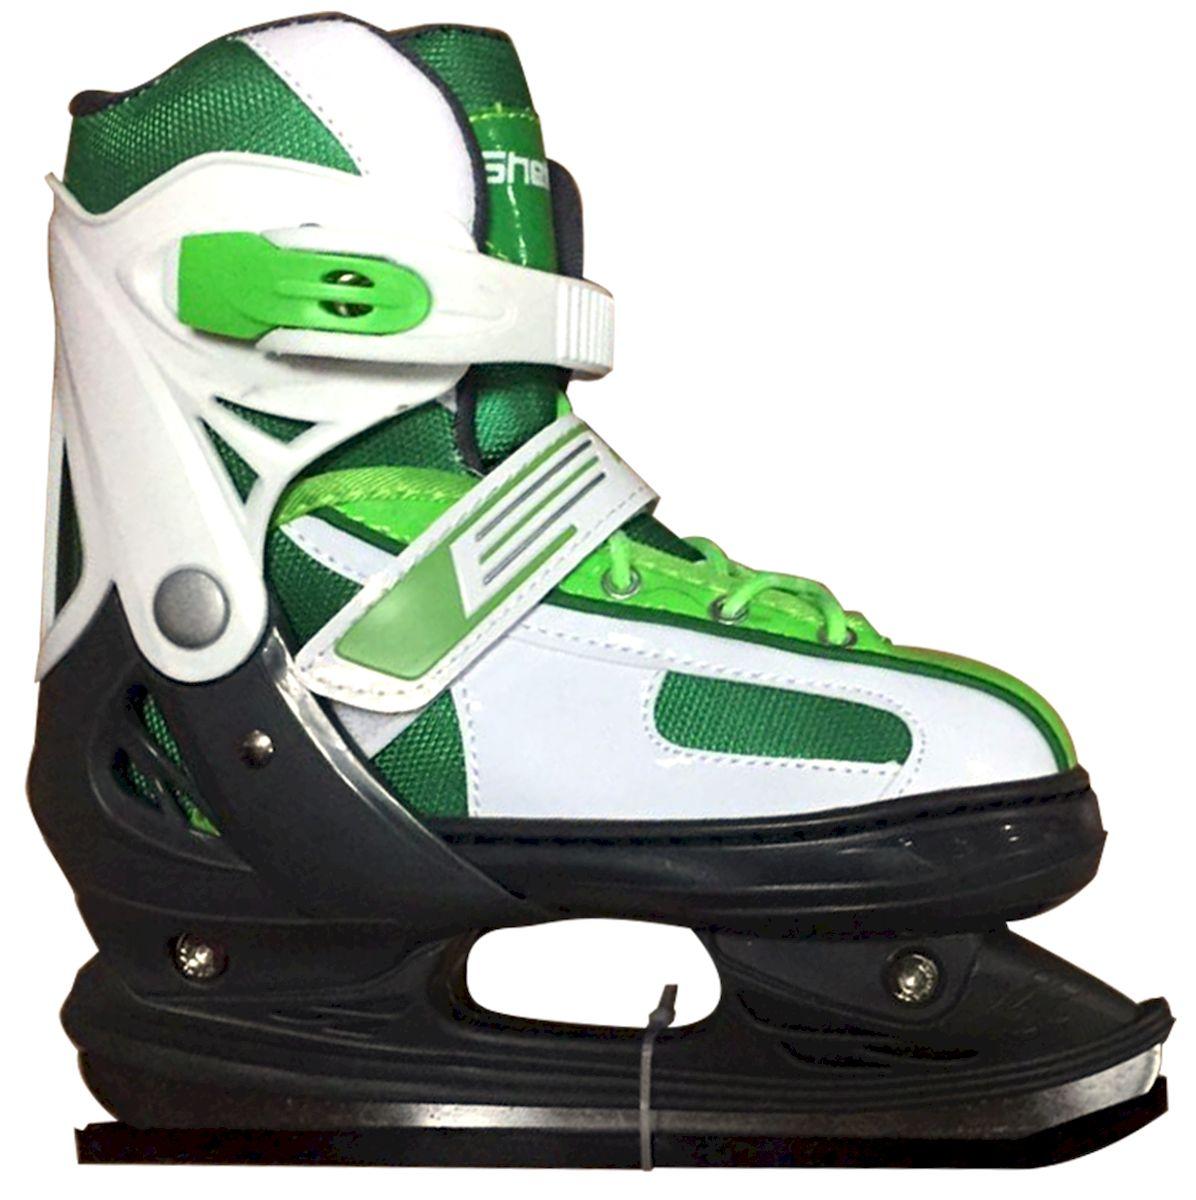 Коньки ледовые Ice Blade Shelby, раздвижные, цвет: черный, зеленый, белый. УТ-00009127. Размер M (34/37)SF 010Коньки раздвижные Shelby - это классические раздвижные коньки от известного бренда Ice Blade, которые предназначены для детей и подростков, а также для тех, кто делает первые шаги в катании на льду.Ботинок изготовлен из морозоустойчивого пластика. Внутренняя поверхность из мягкого и теплого текстиля обеспечивает комфорт во время движения. Лезвие выполнено из высокоуглеродистой стали с покрытием из никеля. Пластиковая клипса с фиксатором, хлястик на липучке и шнуровка надежно фиксируют голеностоп. Конструкция коньков позволяет быстро и точно изменять их размер. Яркий молодежный дизайн, теплый внутренний сапожок, удобная трехуровневая система фиксации ноги, легкая смена размера, надежная защита пятки и носка - все это бесспорные преимущества модели. Коньки поставляются с заводской заточкой лезвия, что позволяет сразу приступить к катанию и не тратить денег на заточку. Предназначены для использования на открытом и закрытом льду.